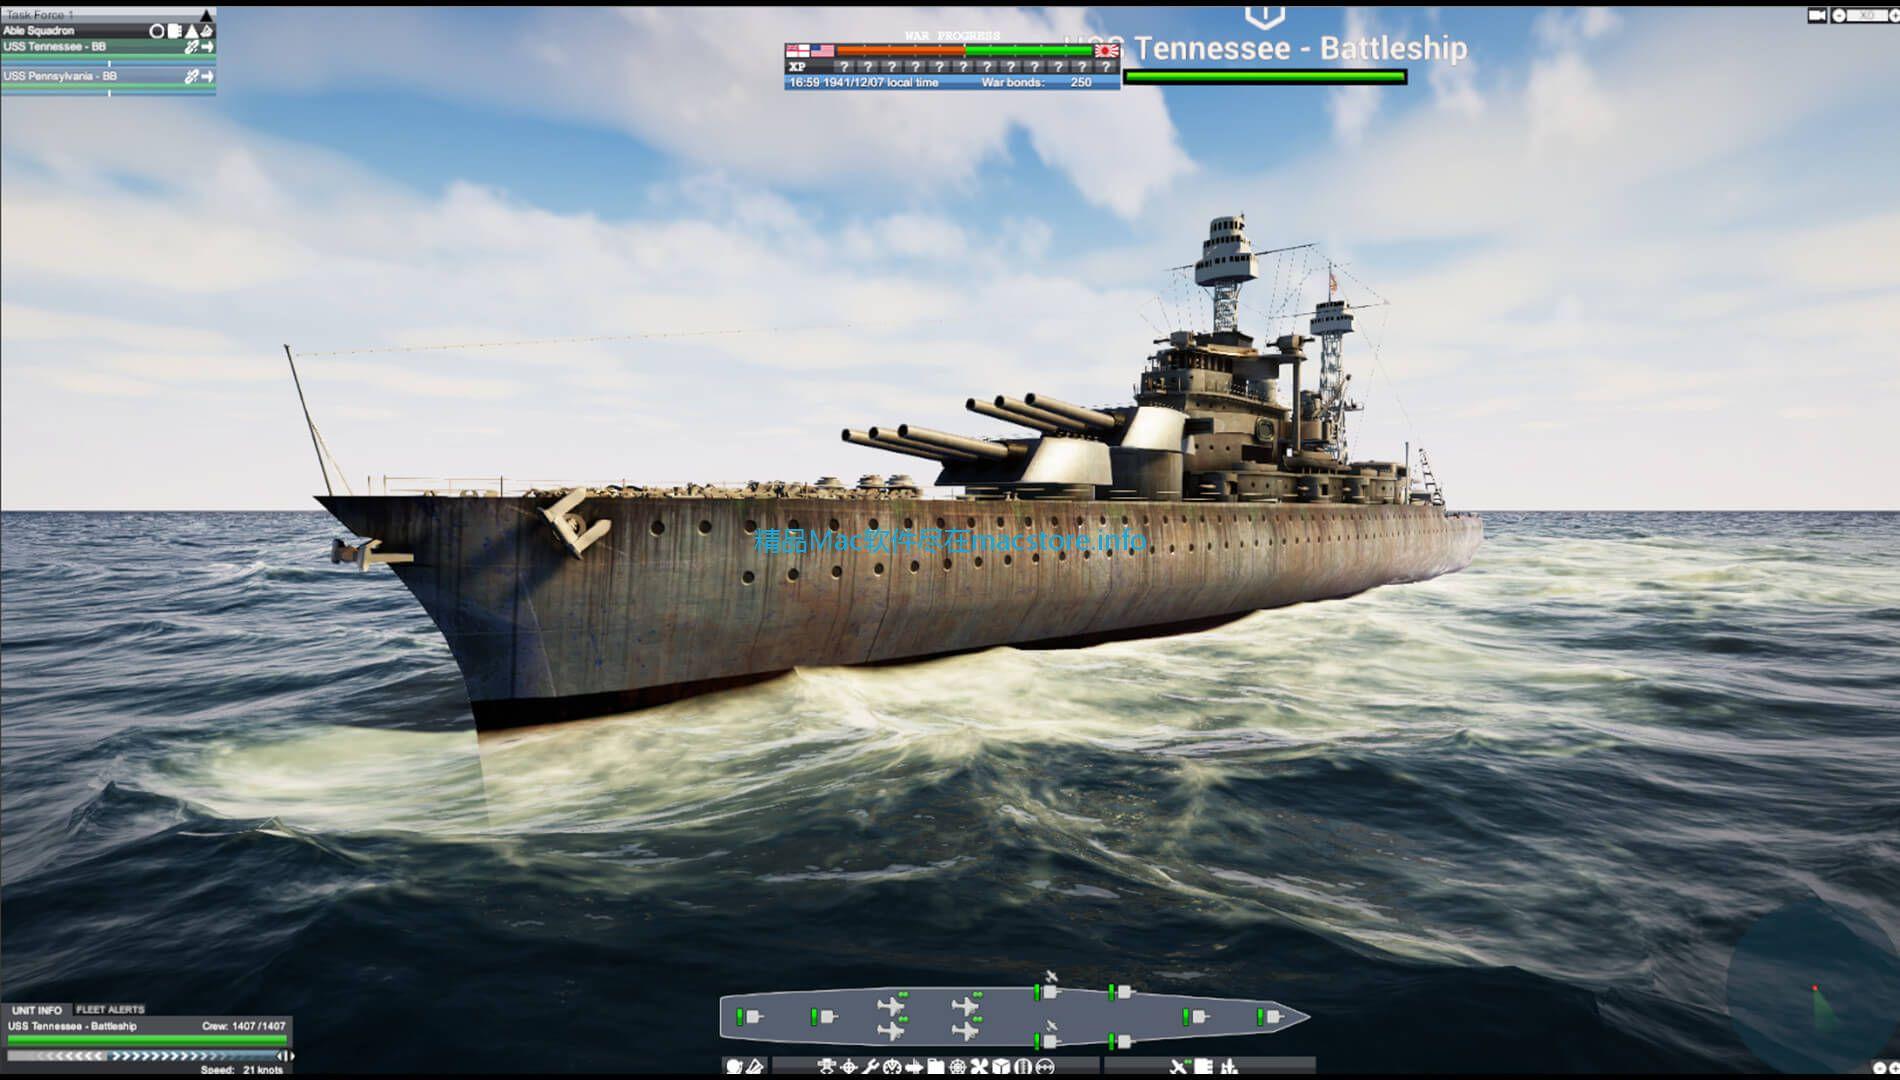 组建一支强大的海军部队吧